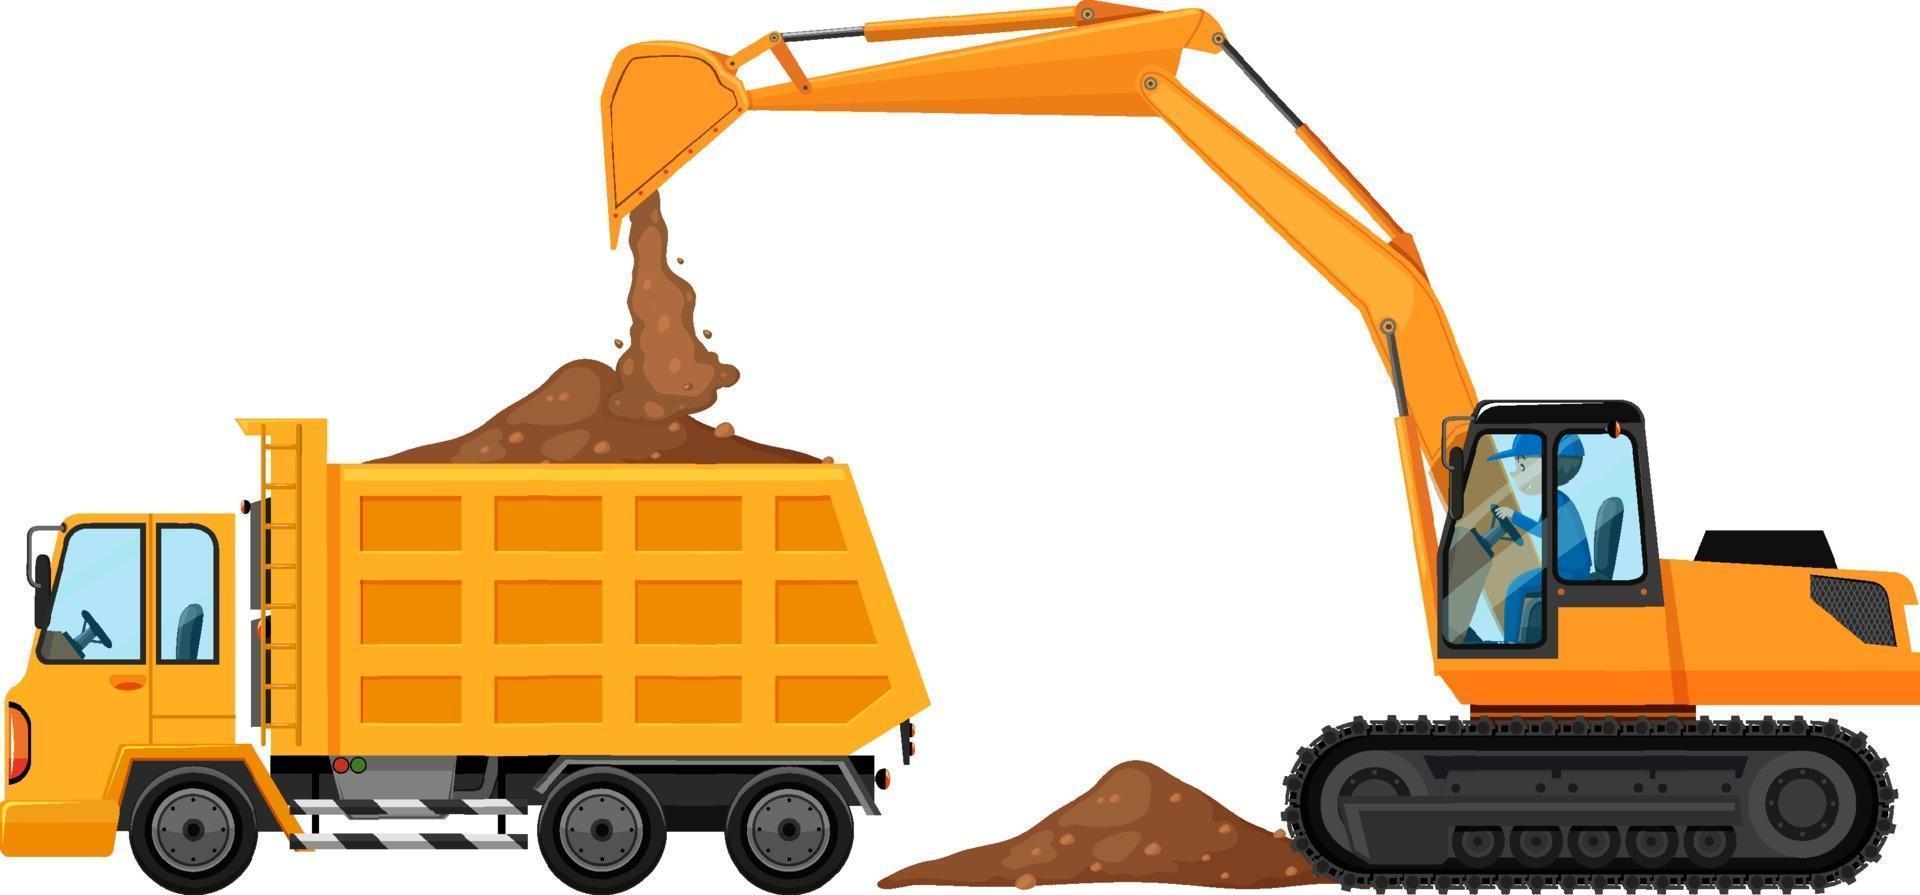 backhoe en vrachtwagen op witte achtergrond vector